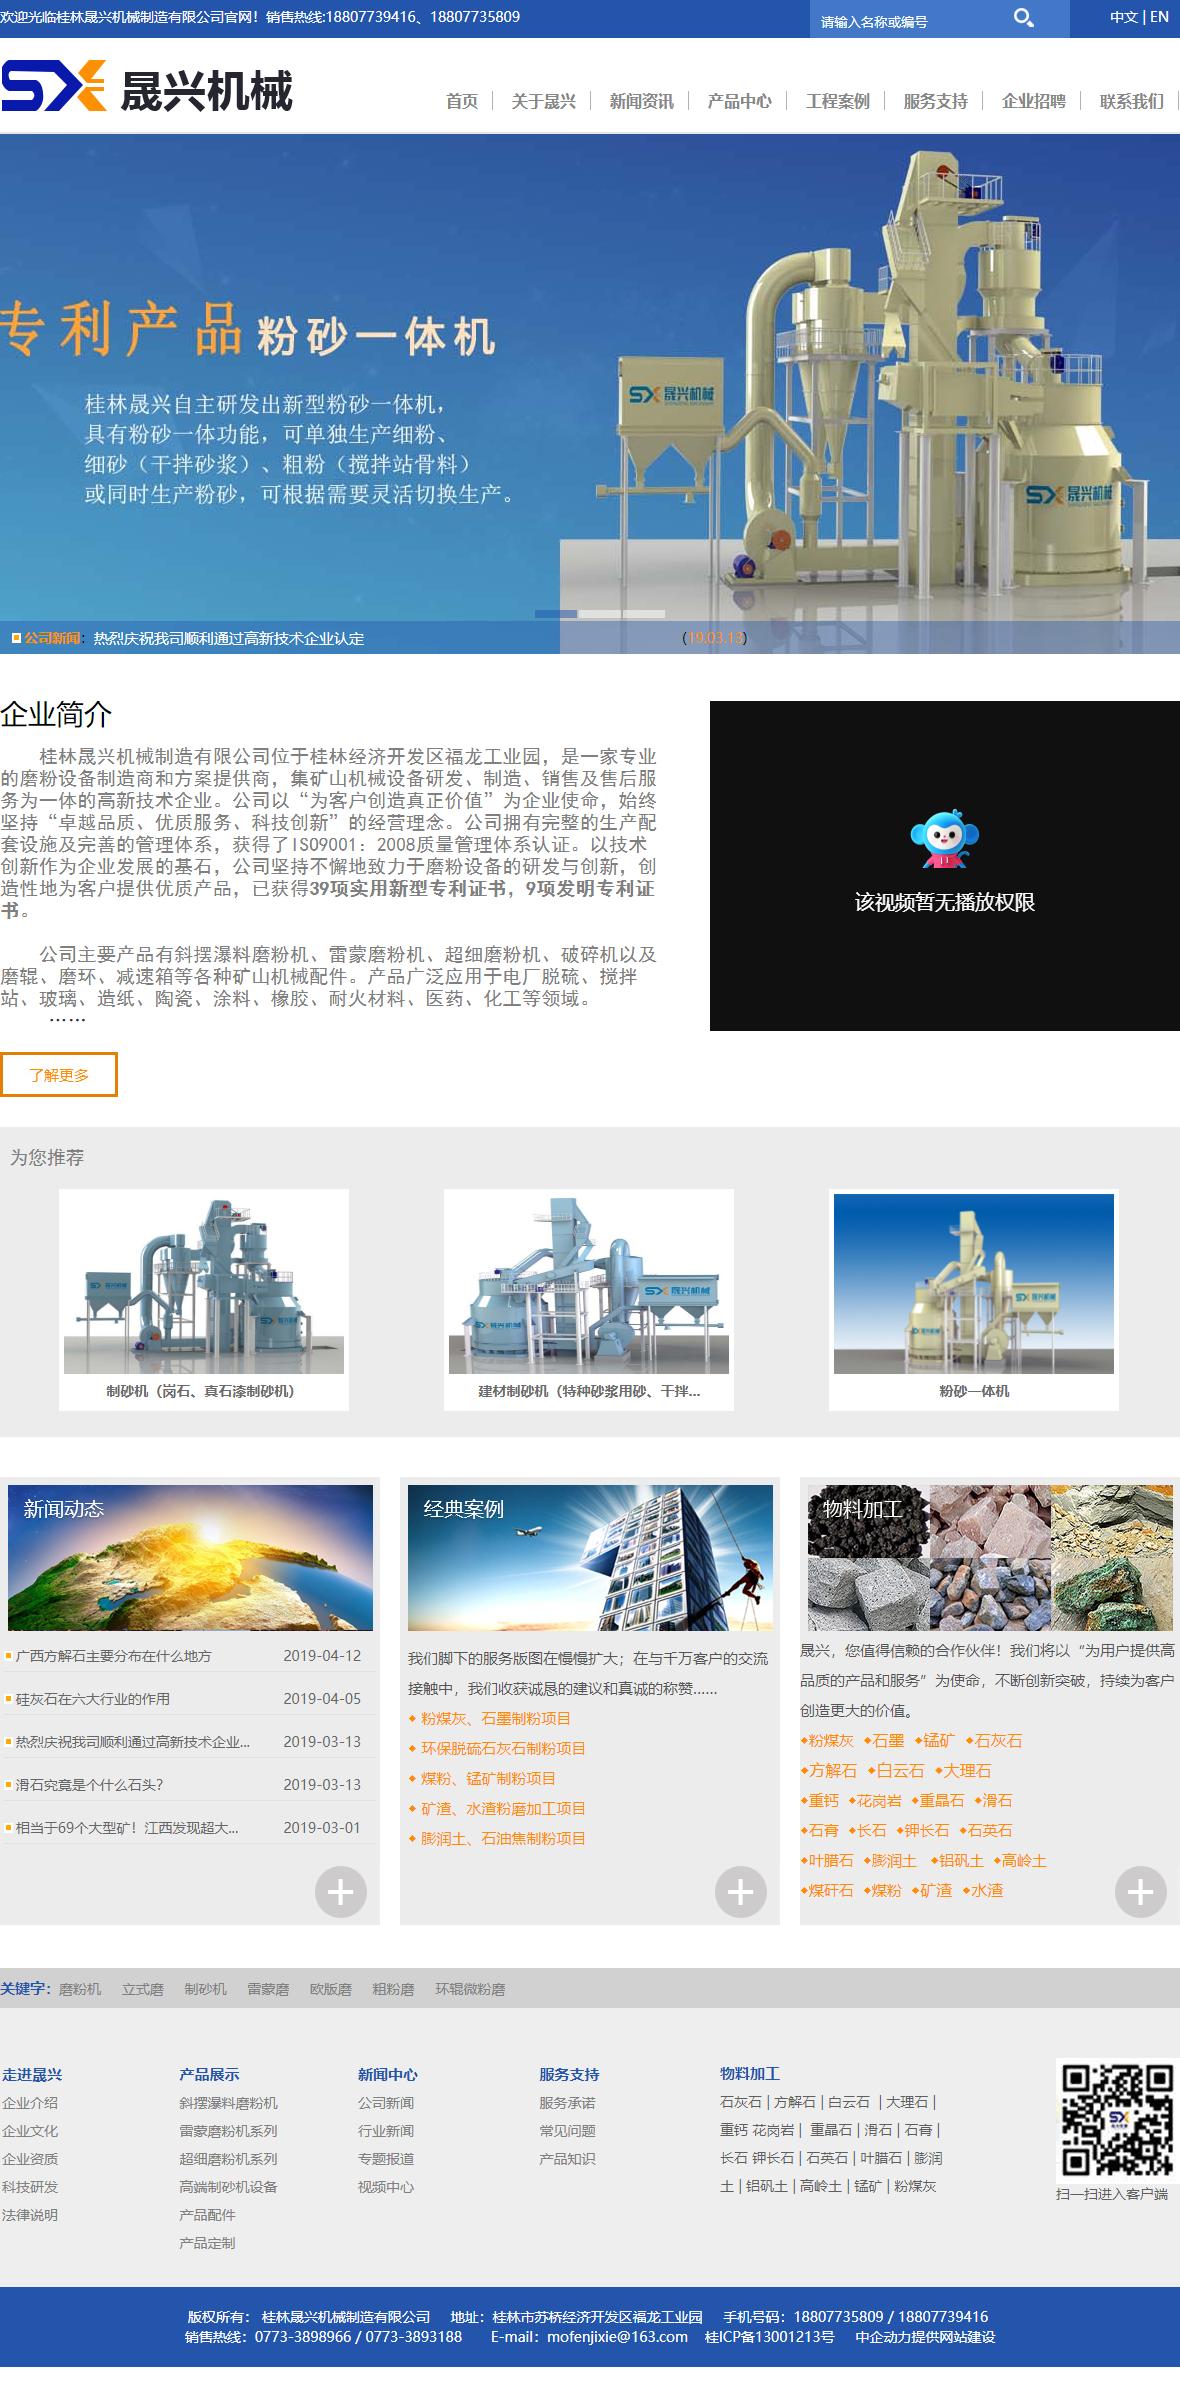 桂林晟兴机械制造有限公司网站案例